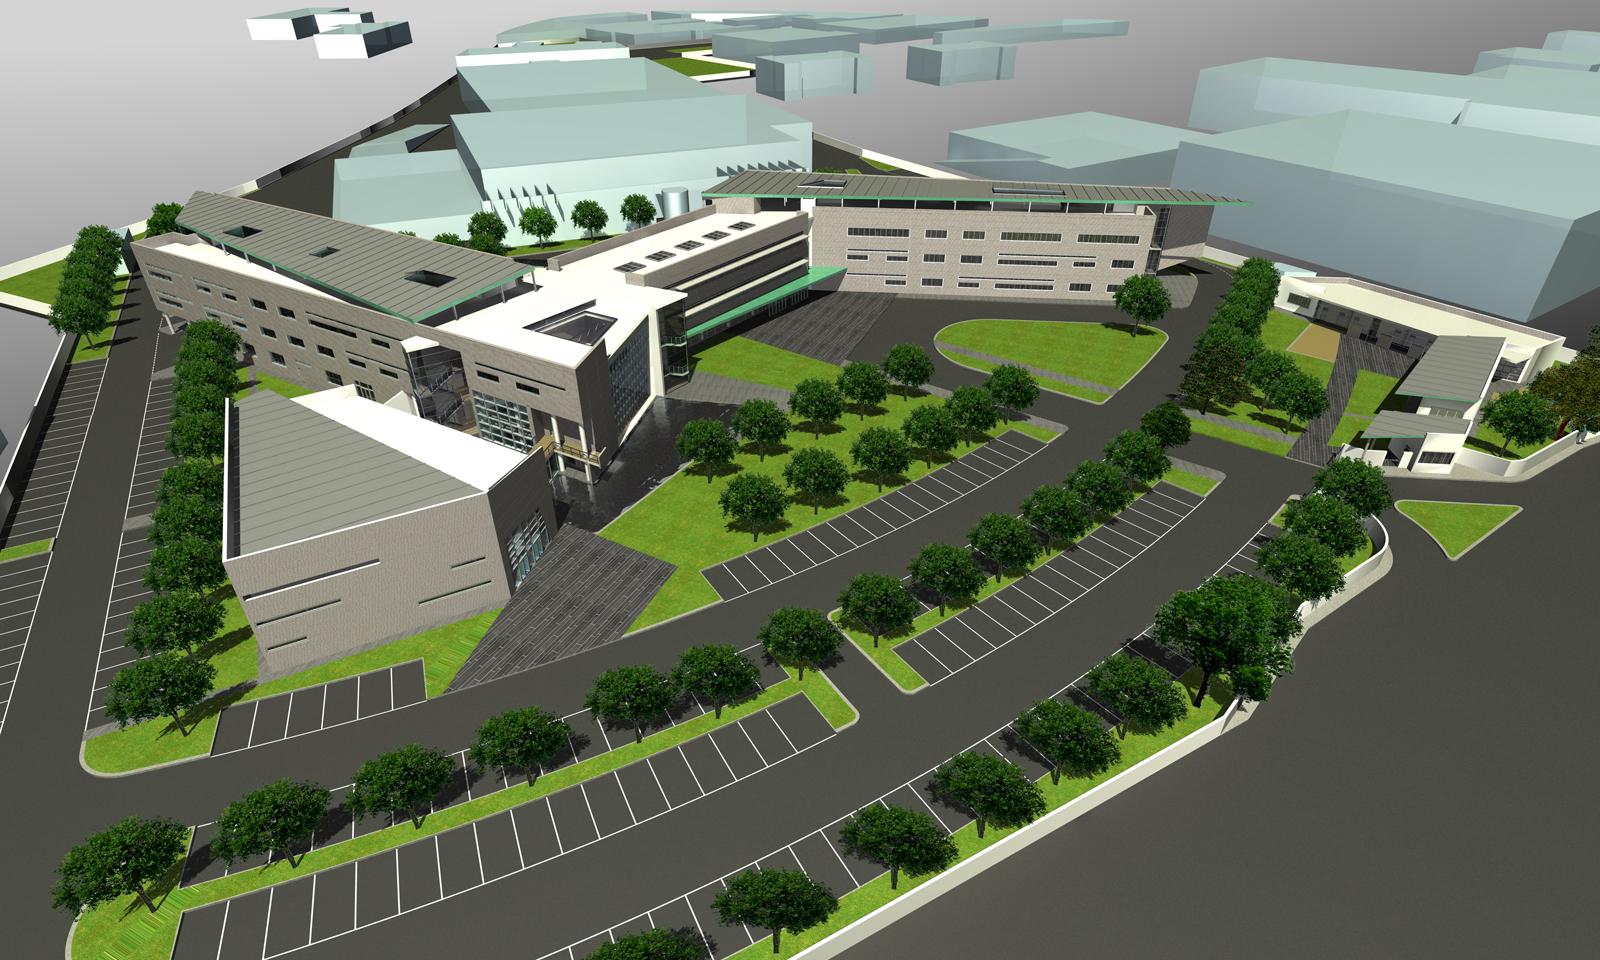 Centro Direzionale AMA S.p.A. (2005) - Veduta del progetto